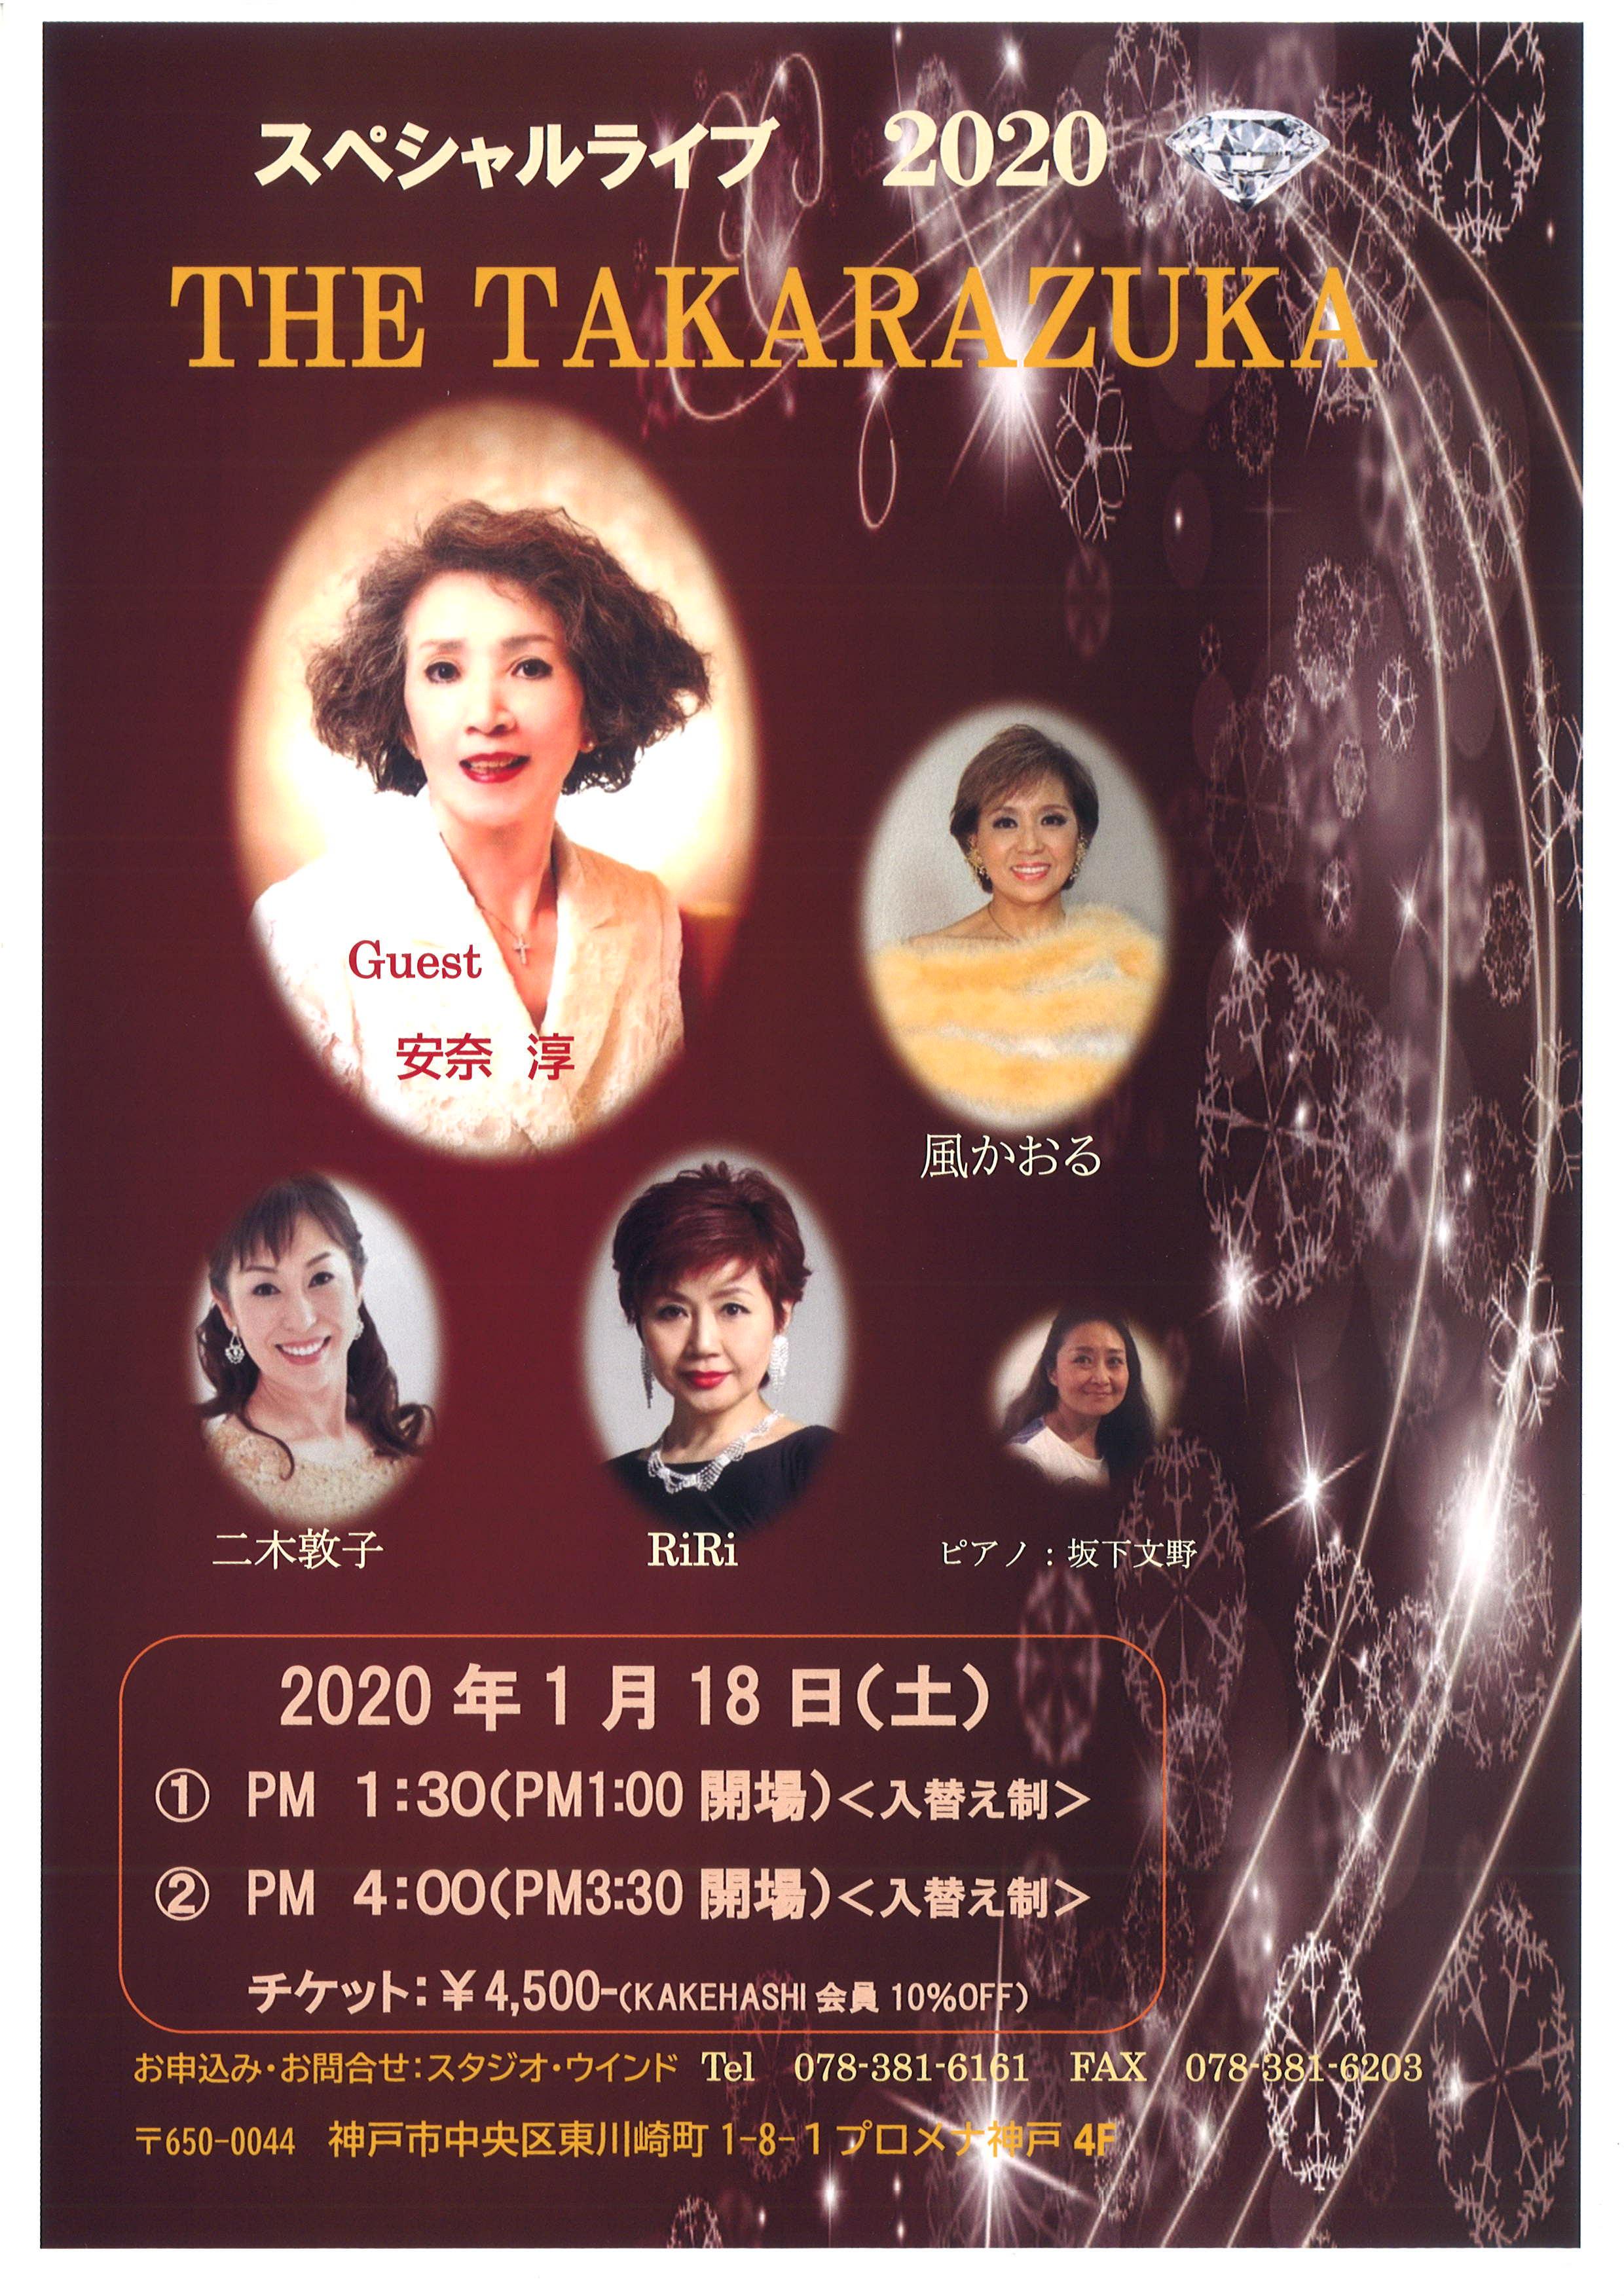 THE TAKARAZUKA.jpg